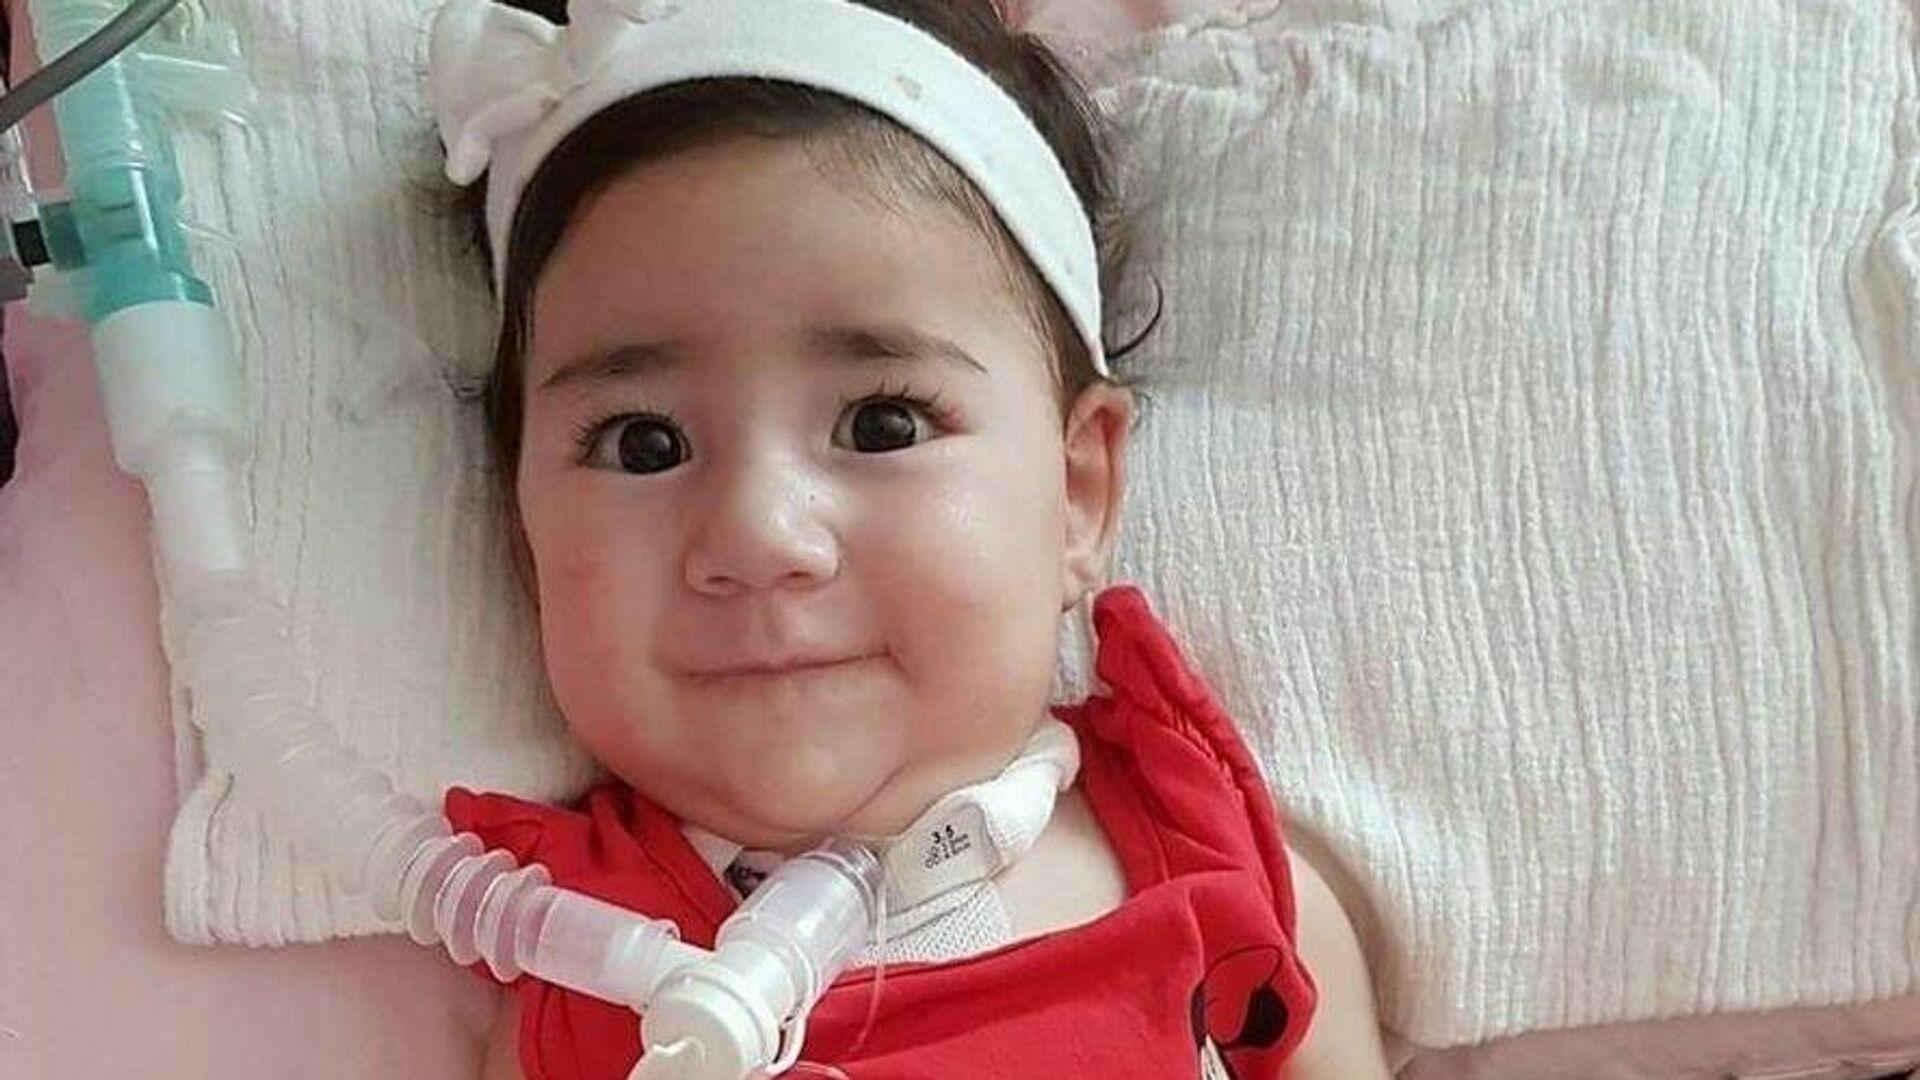 Asya bebek, tedavi için Türkiye'den Güney Kıbrıs'a götürülüyor - Sputnik Türkiye, 1920, 27.09.2021